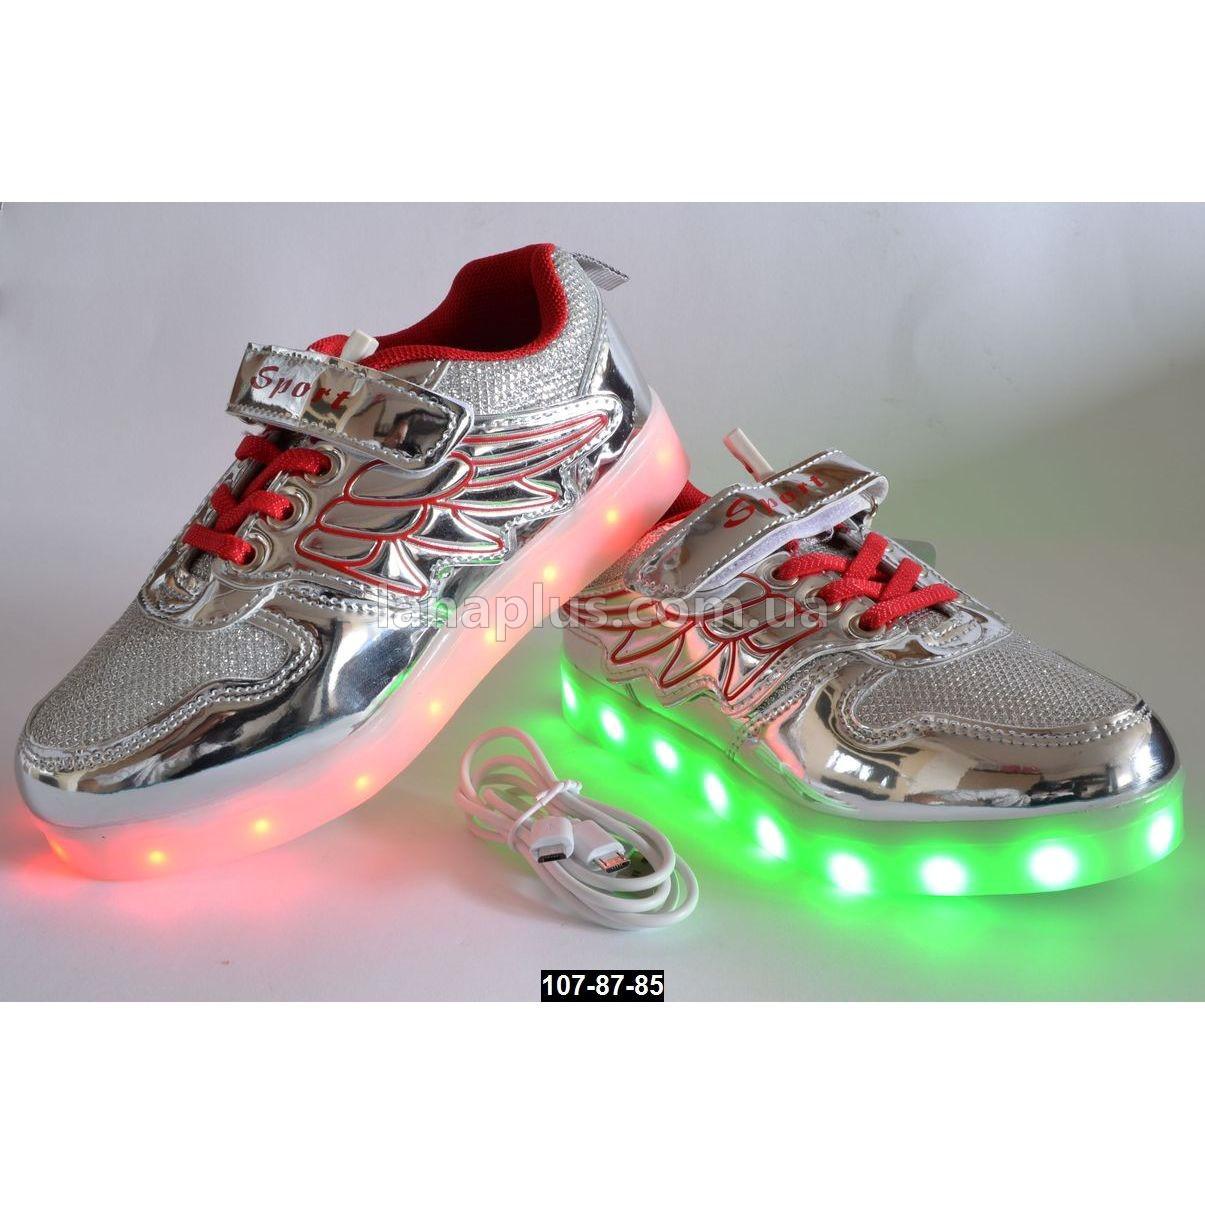 Светящиеся кроссовки, USB, 26-29 размер, 11 режимов LED подсветки, супинатор